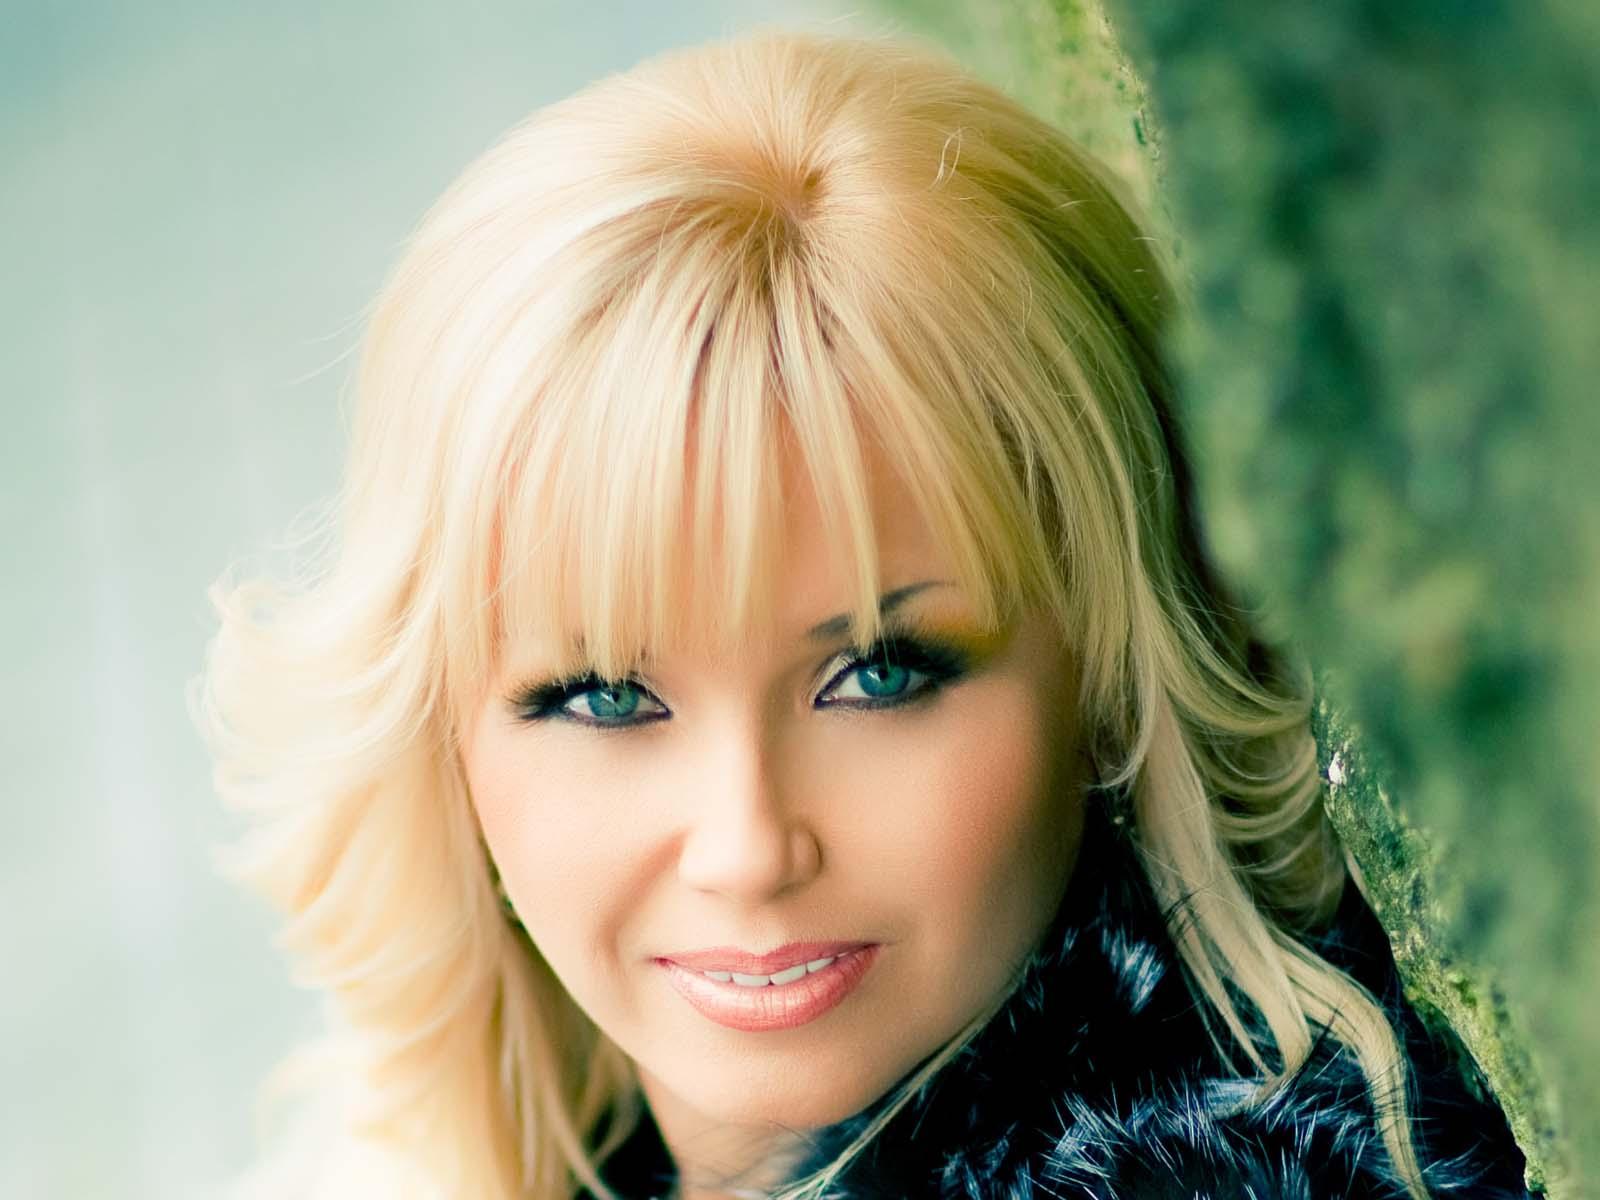 какой-нибудь белорусские певицы список и фото множество информации, которую